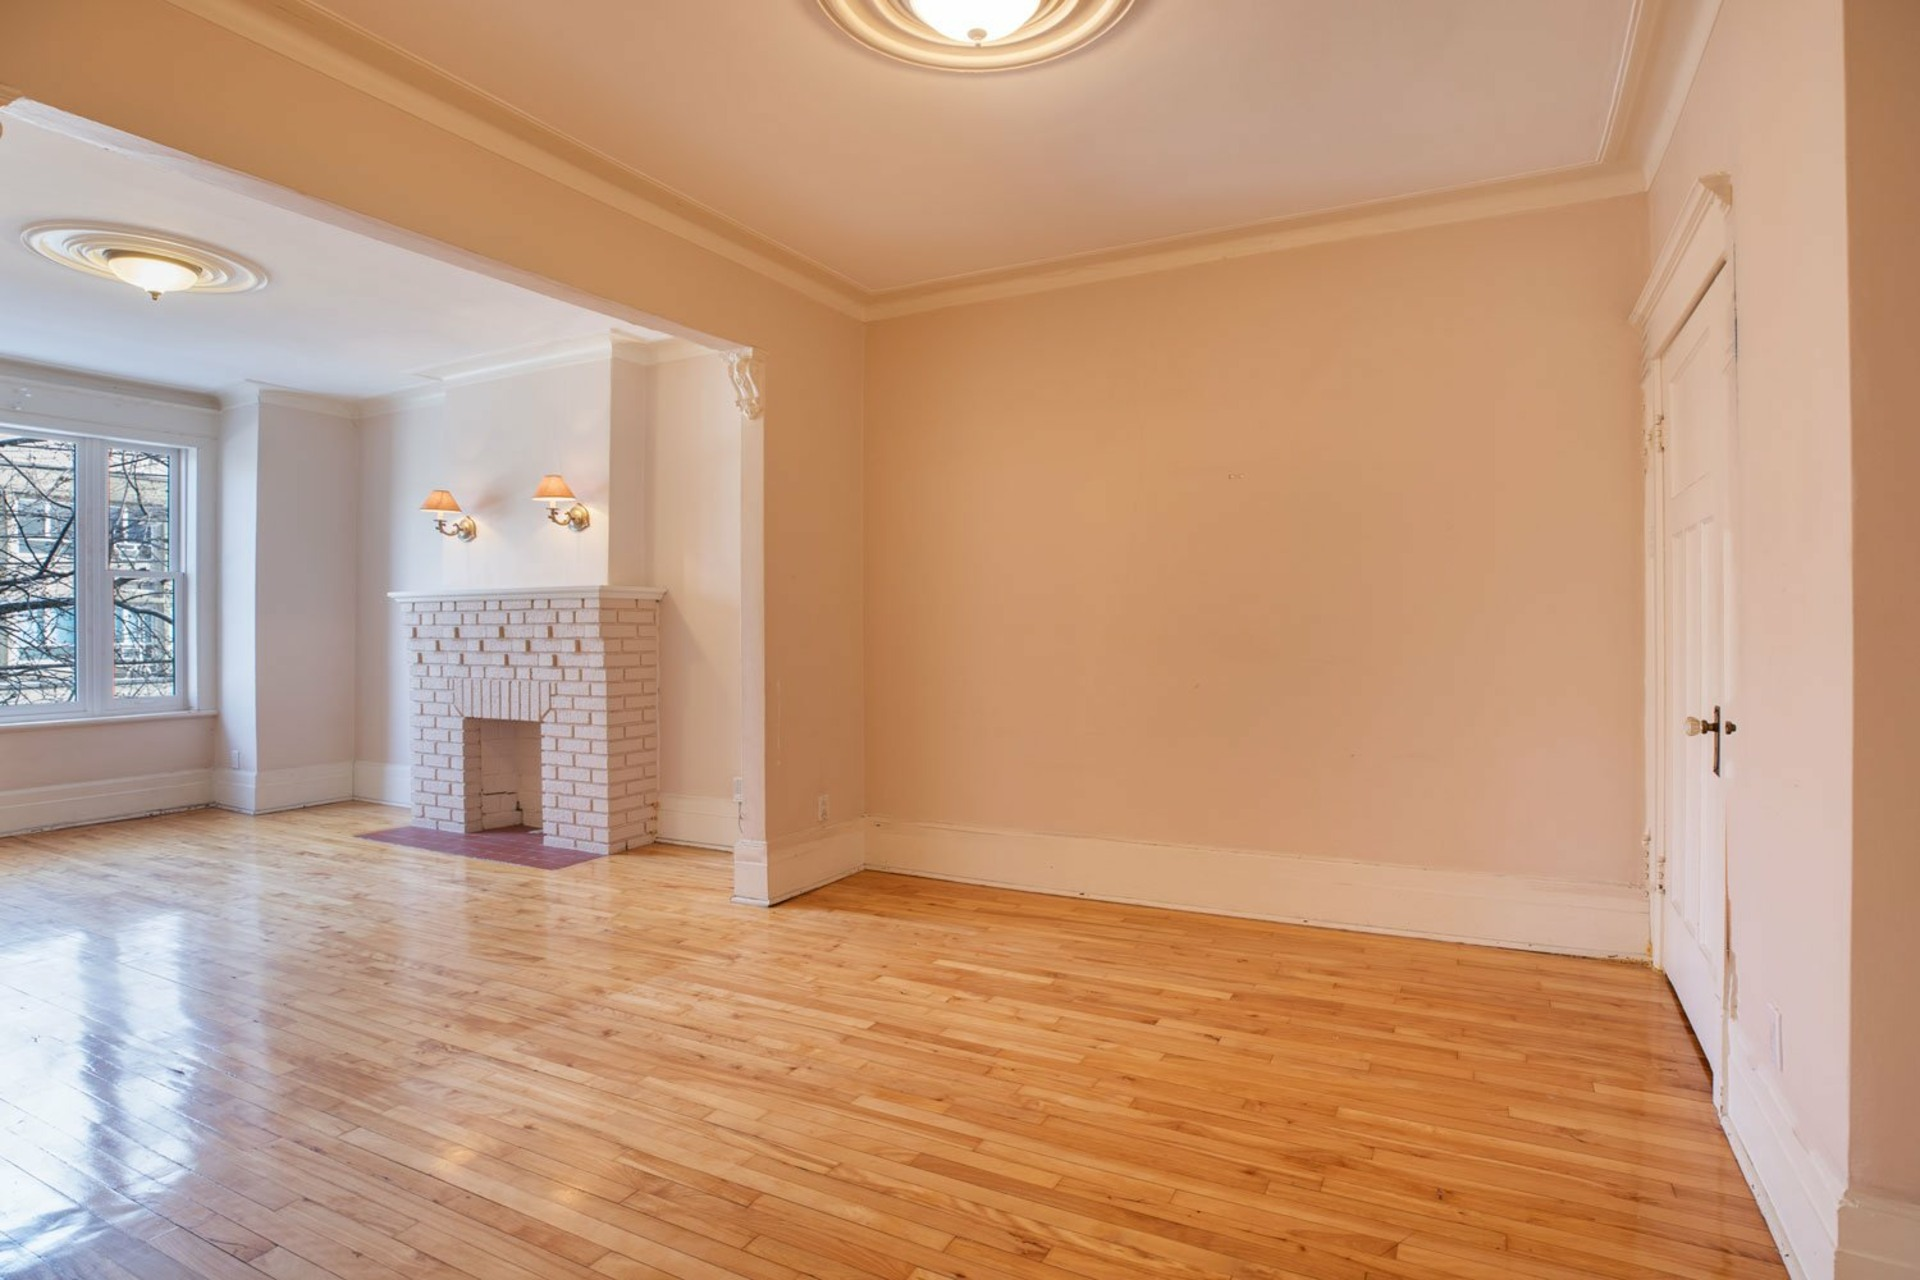 image 4 - Appartement À vendre Côte-des-Neiges/Notre-Dame-de-Grâce Montréal  - 6 pièces